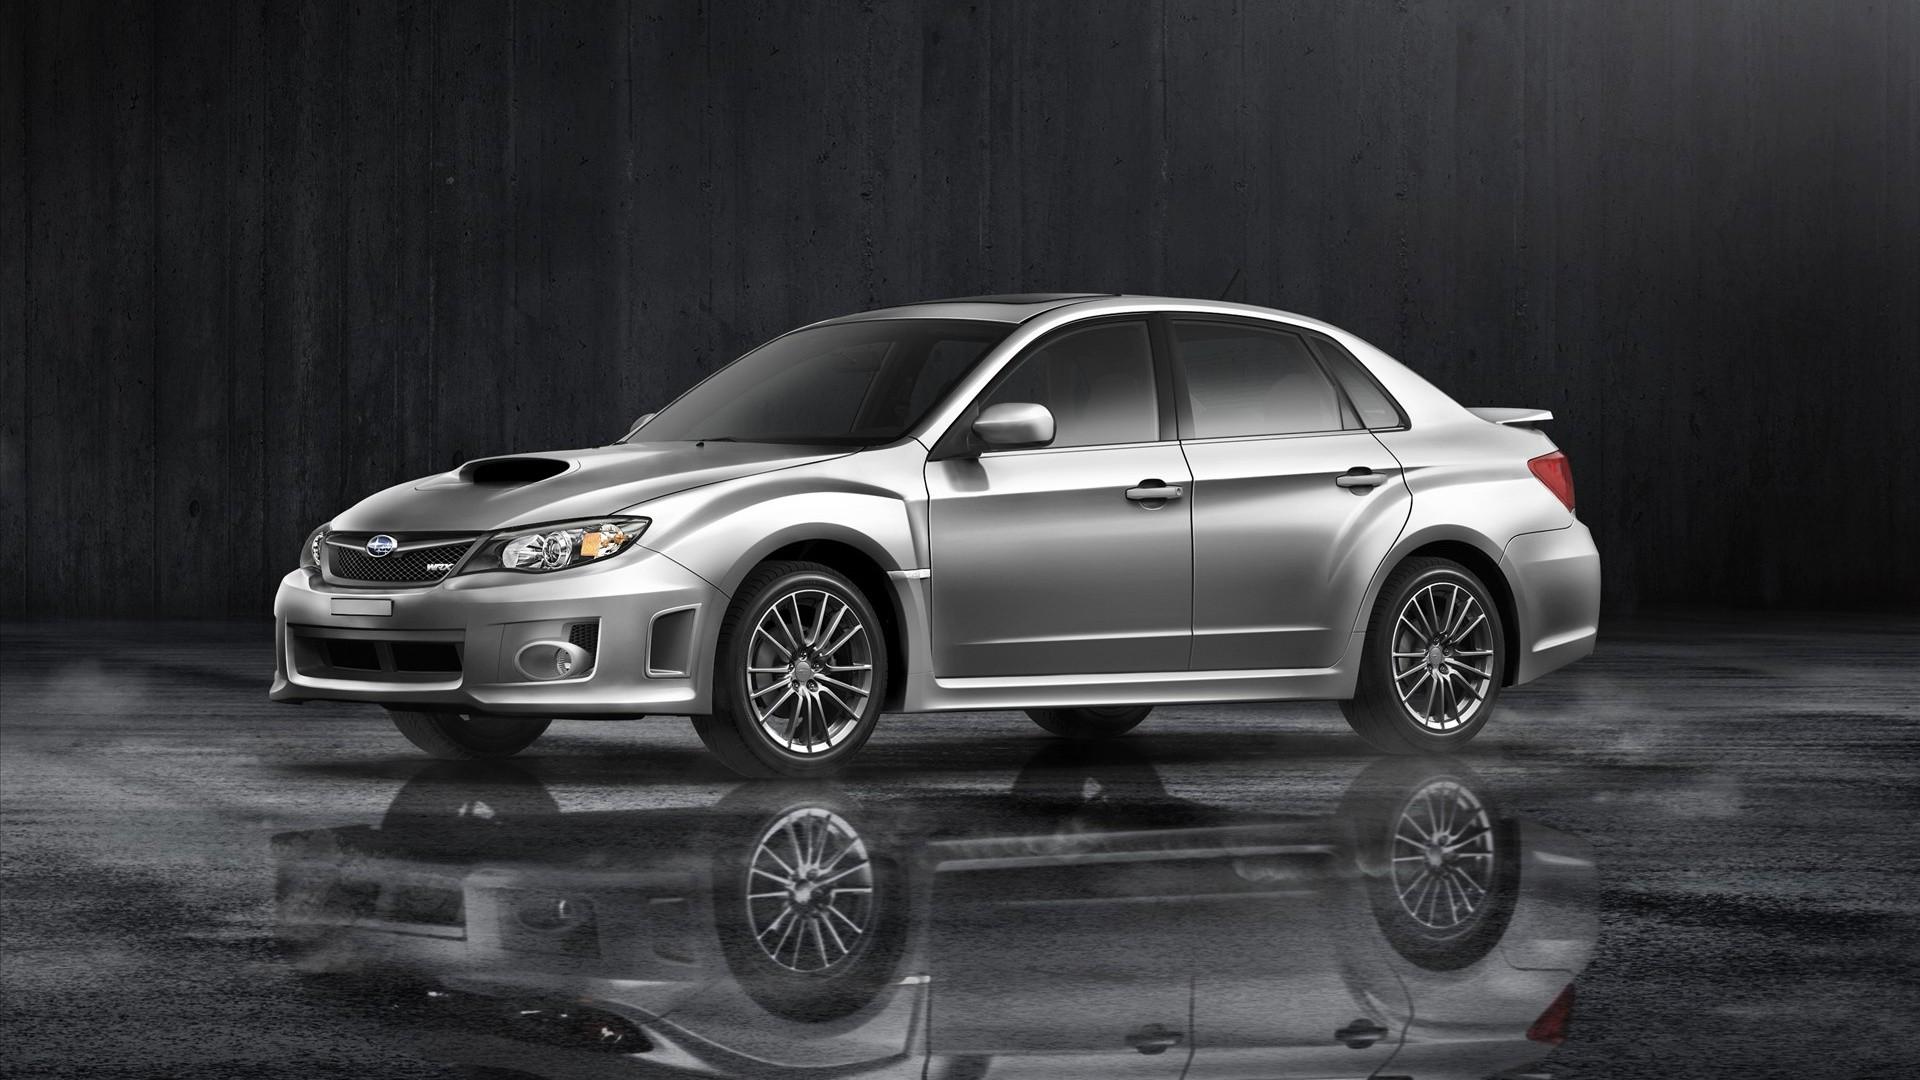 sti rally wing | Subaru WRC wing | sick cars | Pinterest | Subaru, Subaru  wrc and Subaru impreza